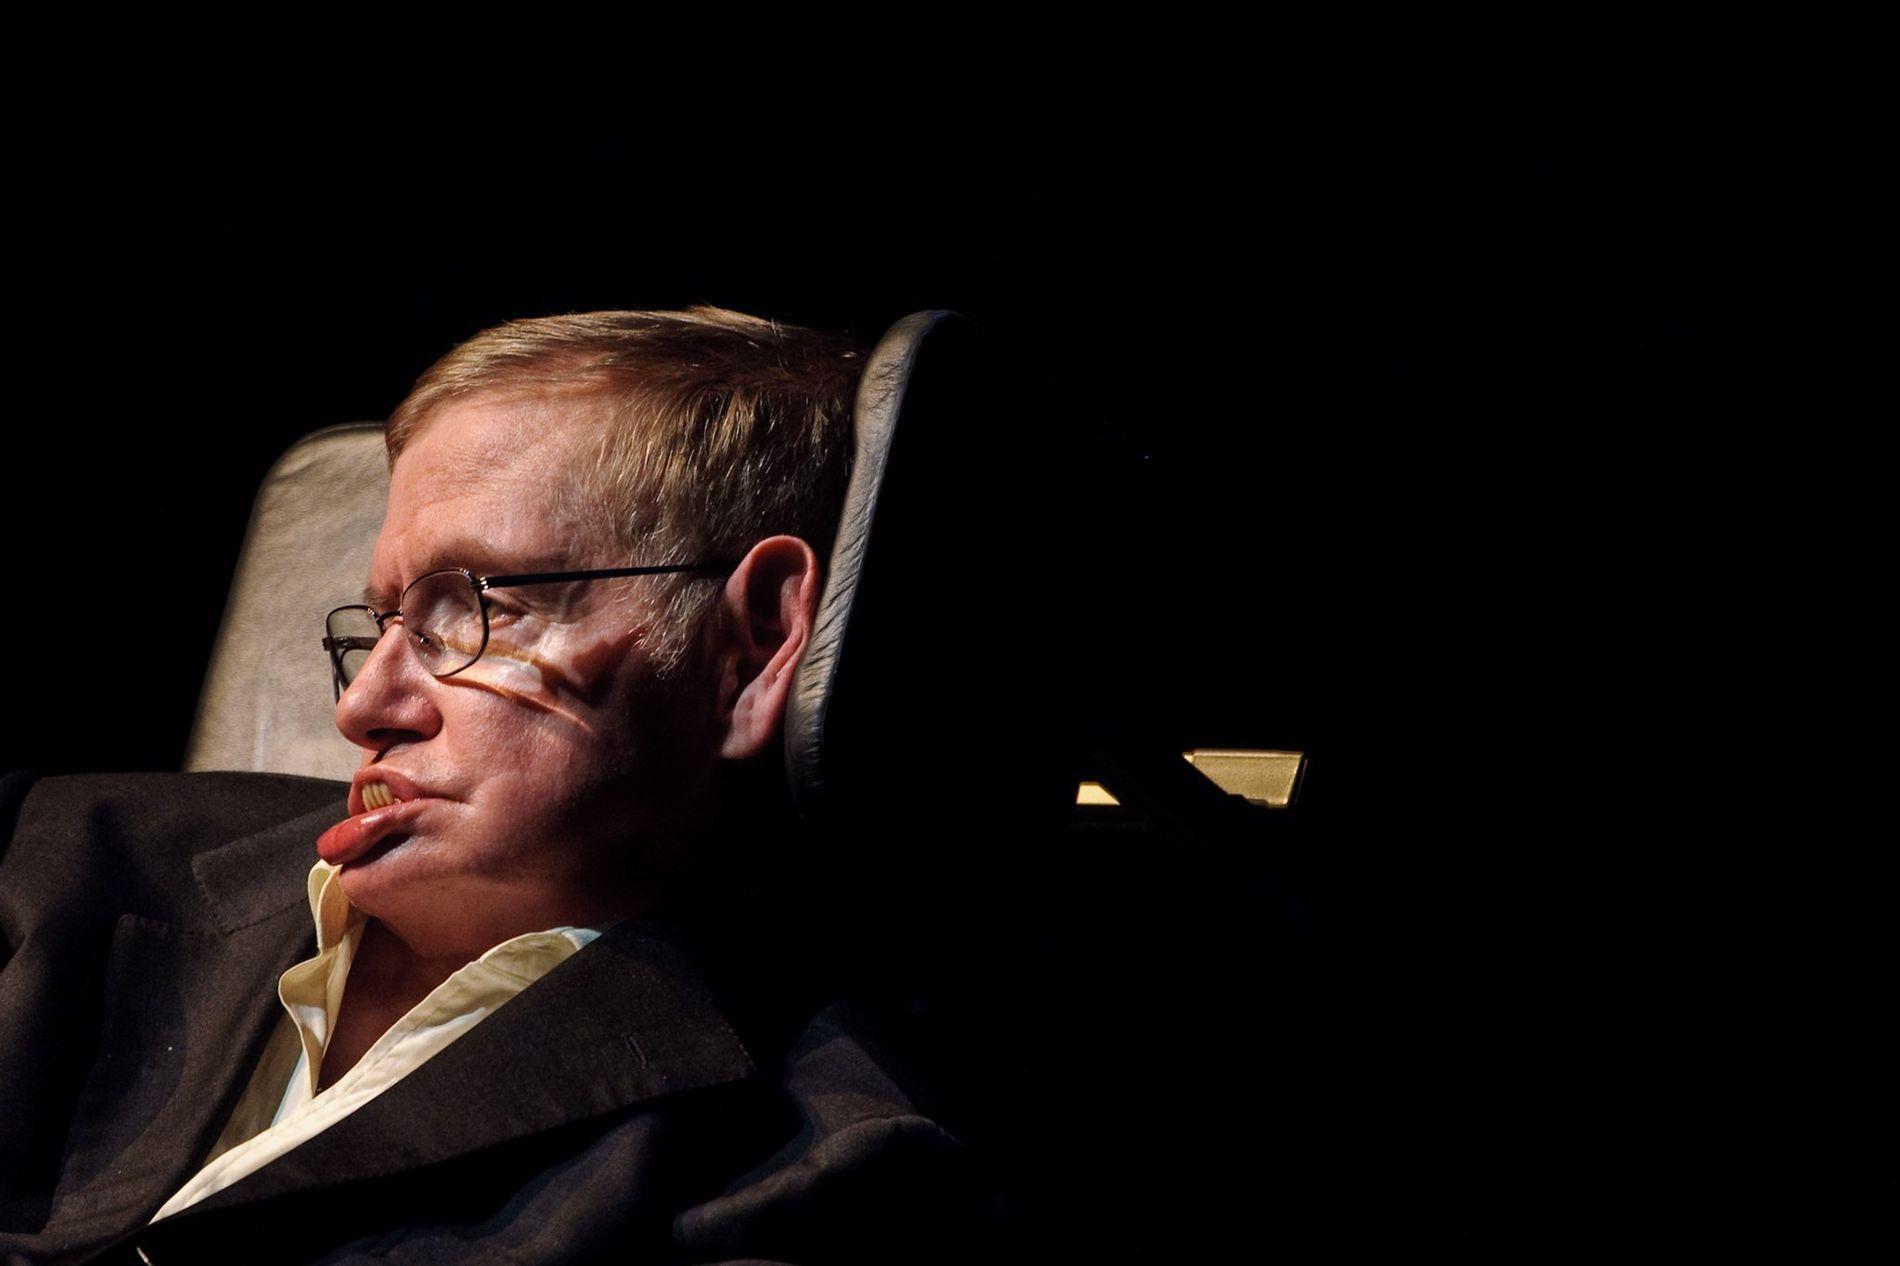 Stephen Hawking presenta una lectura en Texas A&M en abril 2010.